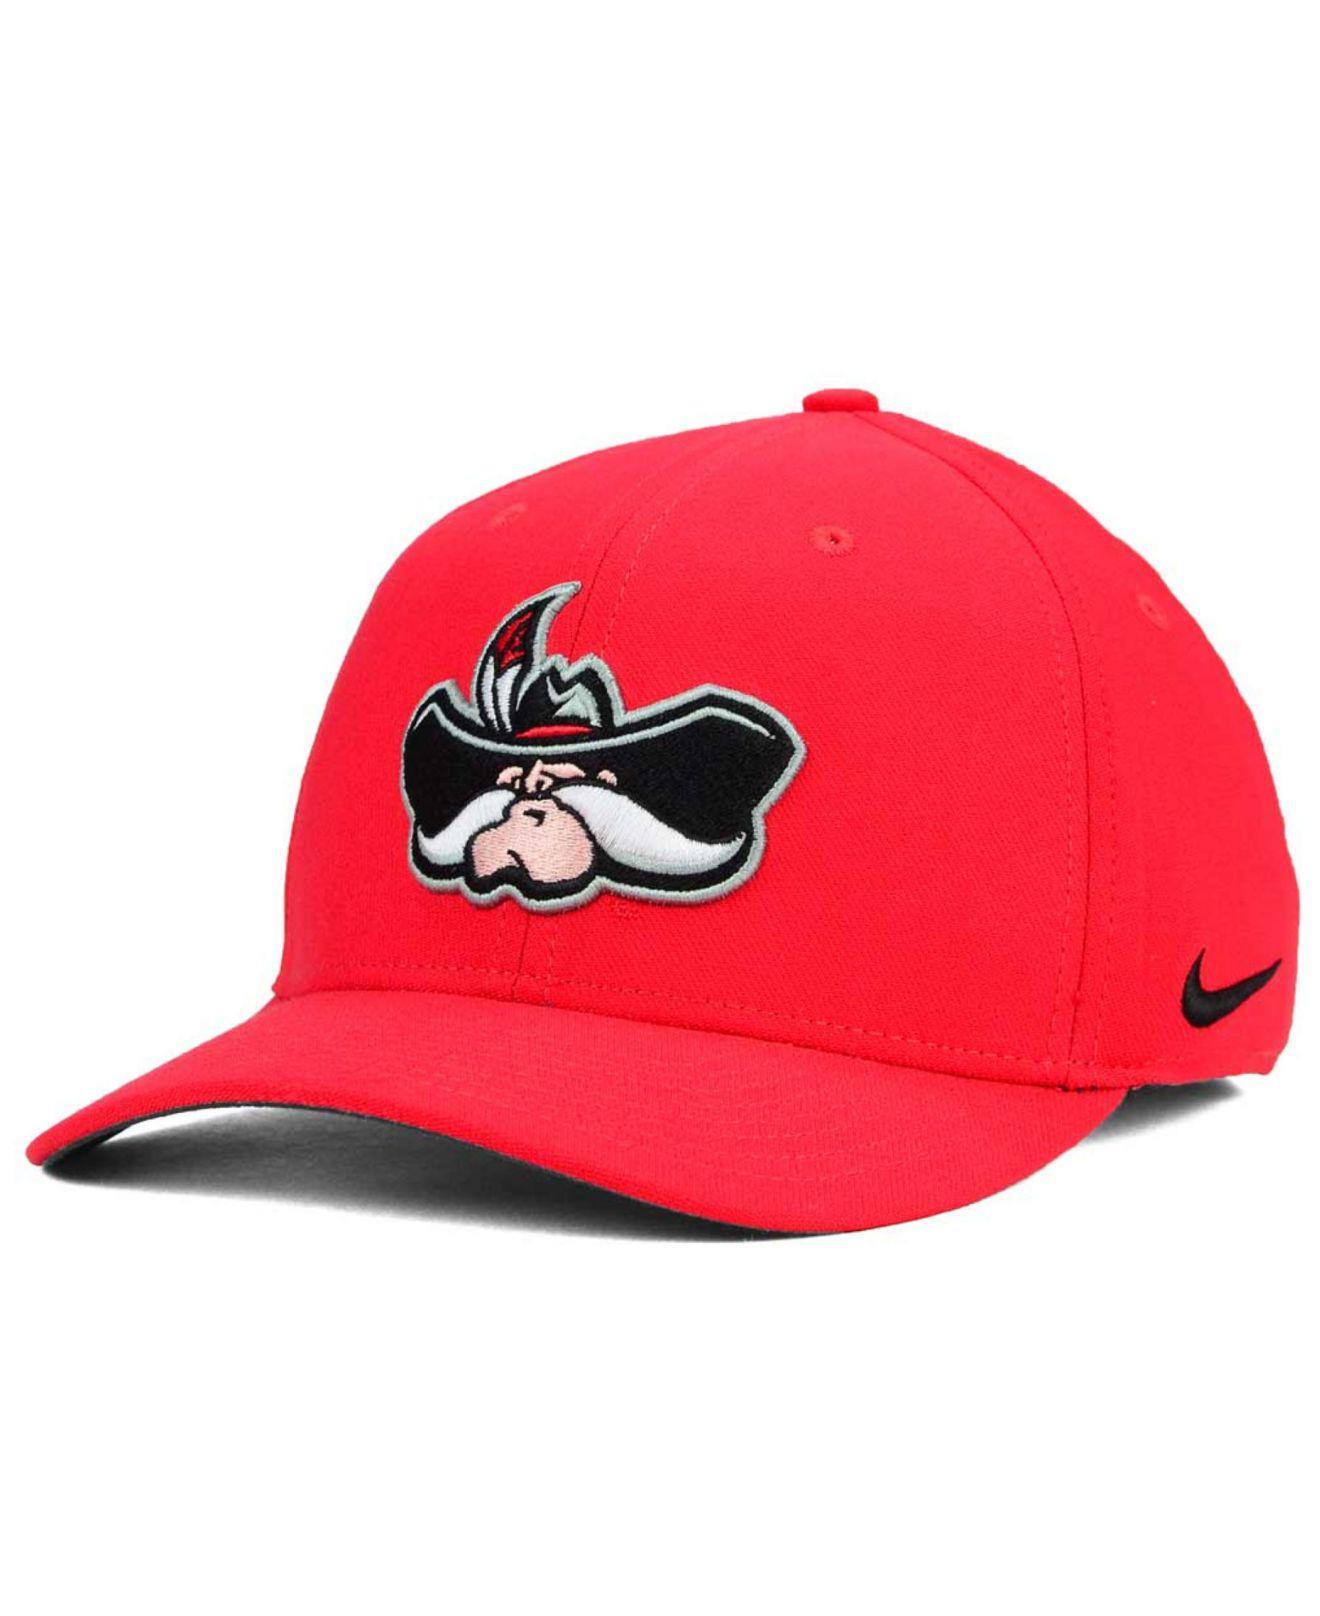 reputable site 40200 192b6 Nike. Men s Red Unlv Runnin  Rebels Classic Swoosh Cap